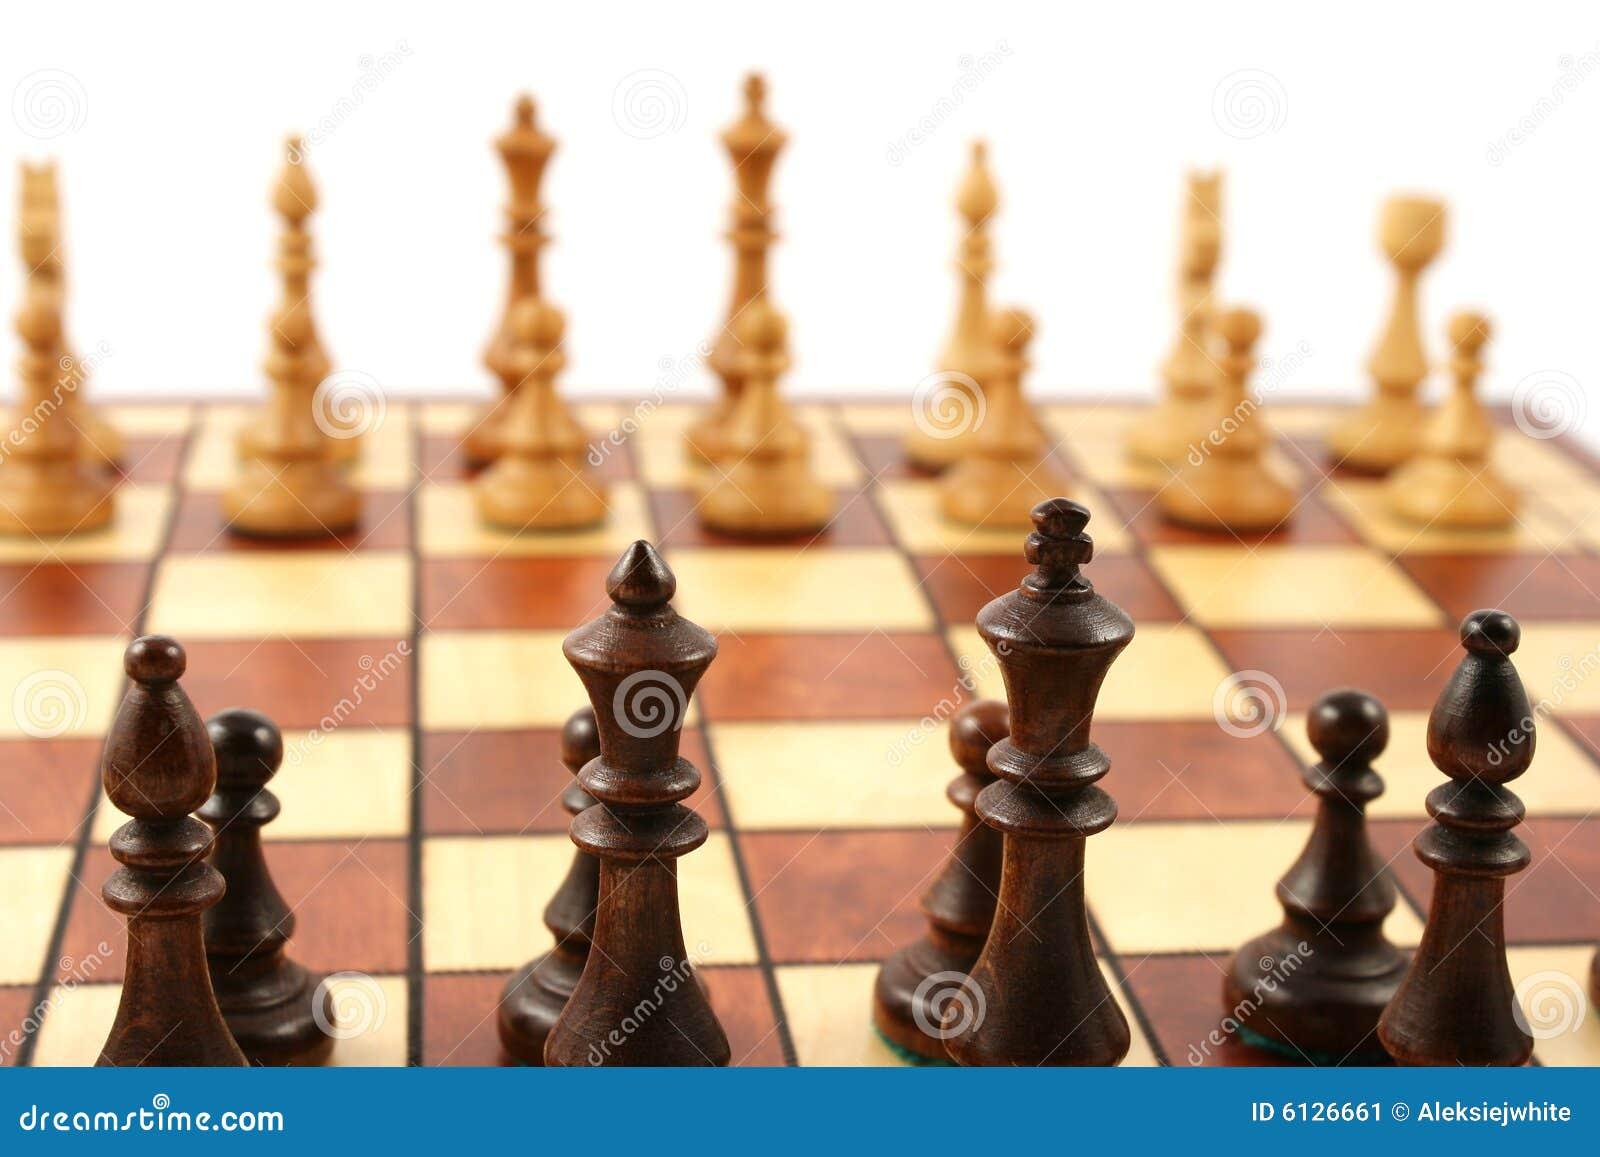 Xadrez de madeira no tabuleiro de xadrez de madeira